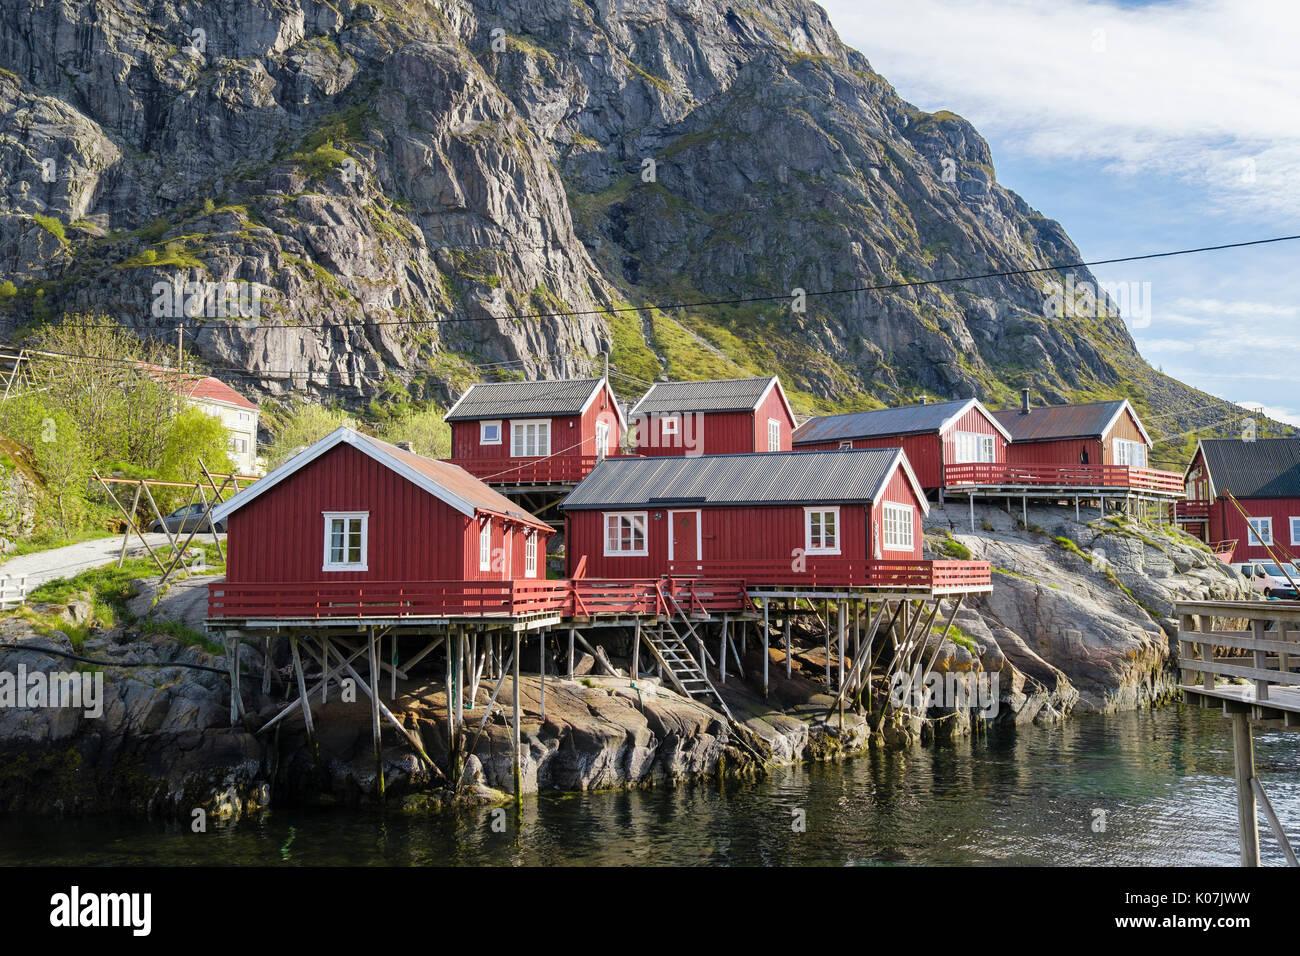 Madera roja rorbus barracas de pescadores y los edificios sobre pilotes por mar en la aldea de pescadores de Moskenes Å Moskenesøya, Isla, Islas Lofoten, Noruega Imagen De Stock